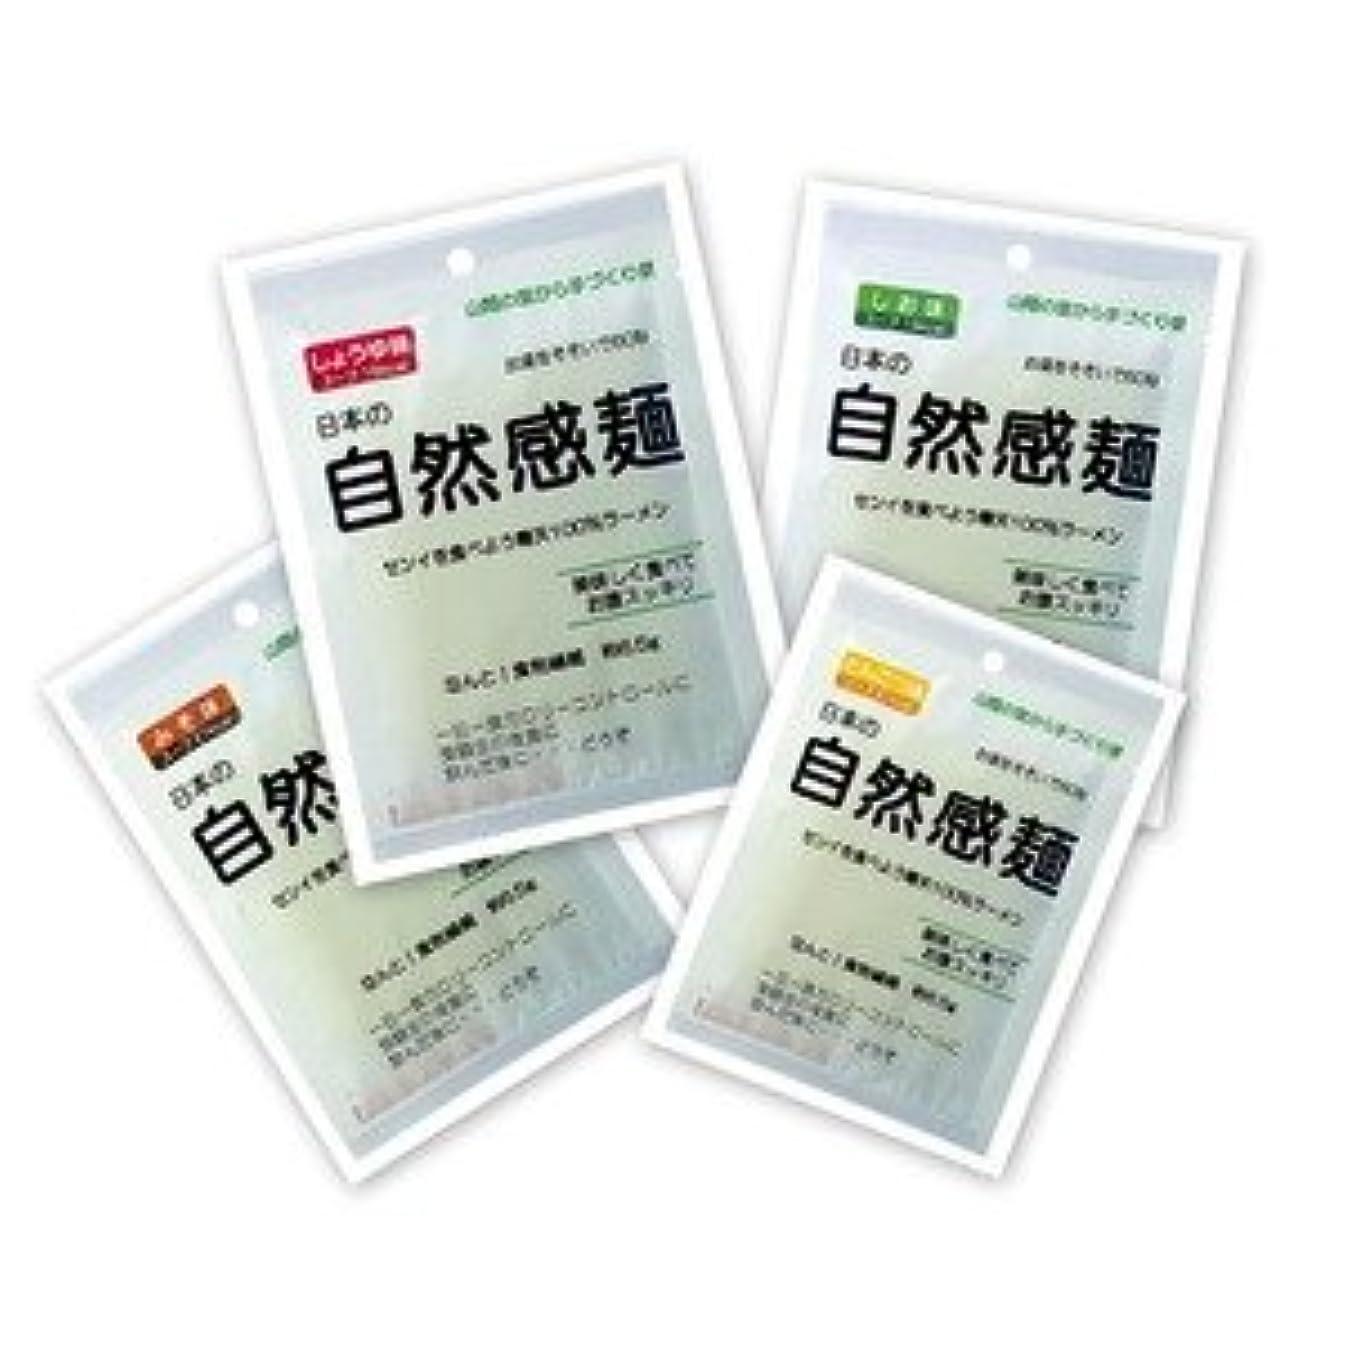 ローマ人位置する自動自然寒天ラーメン/ダイエット食品 【4味5食セット】 しょうゆ味?みそ味?しお味?とんこつ味 日本製